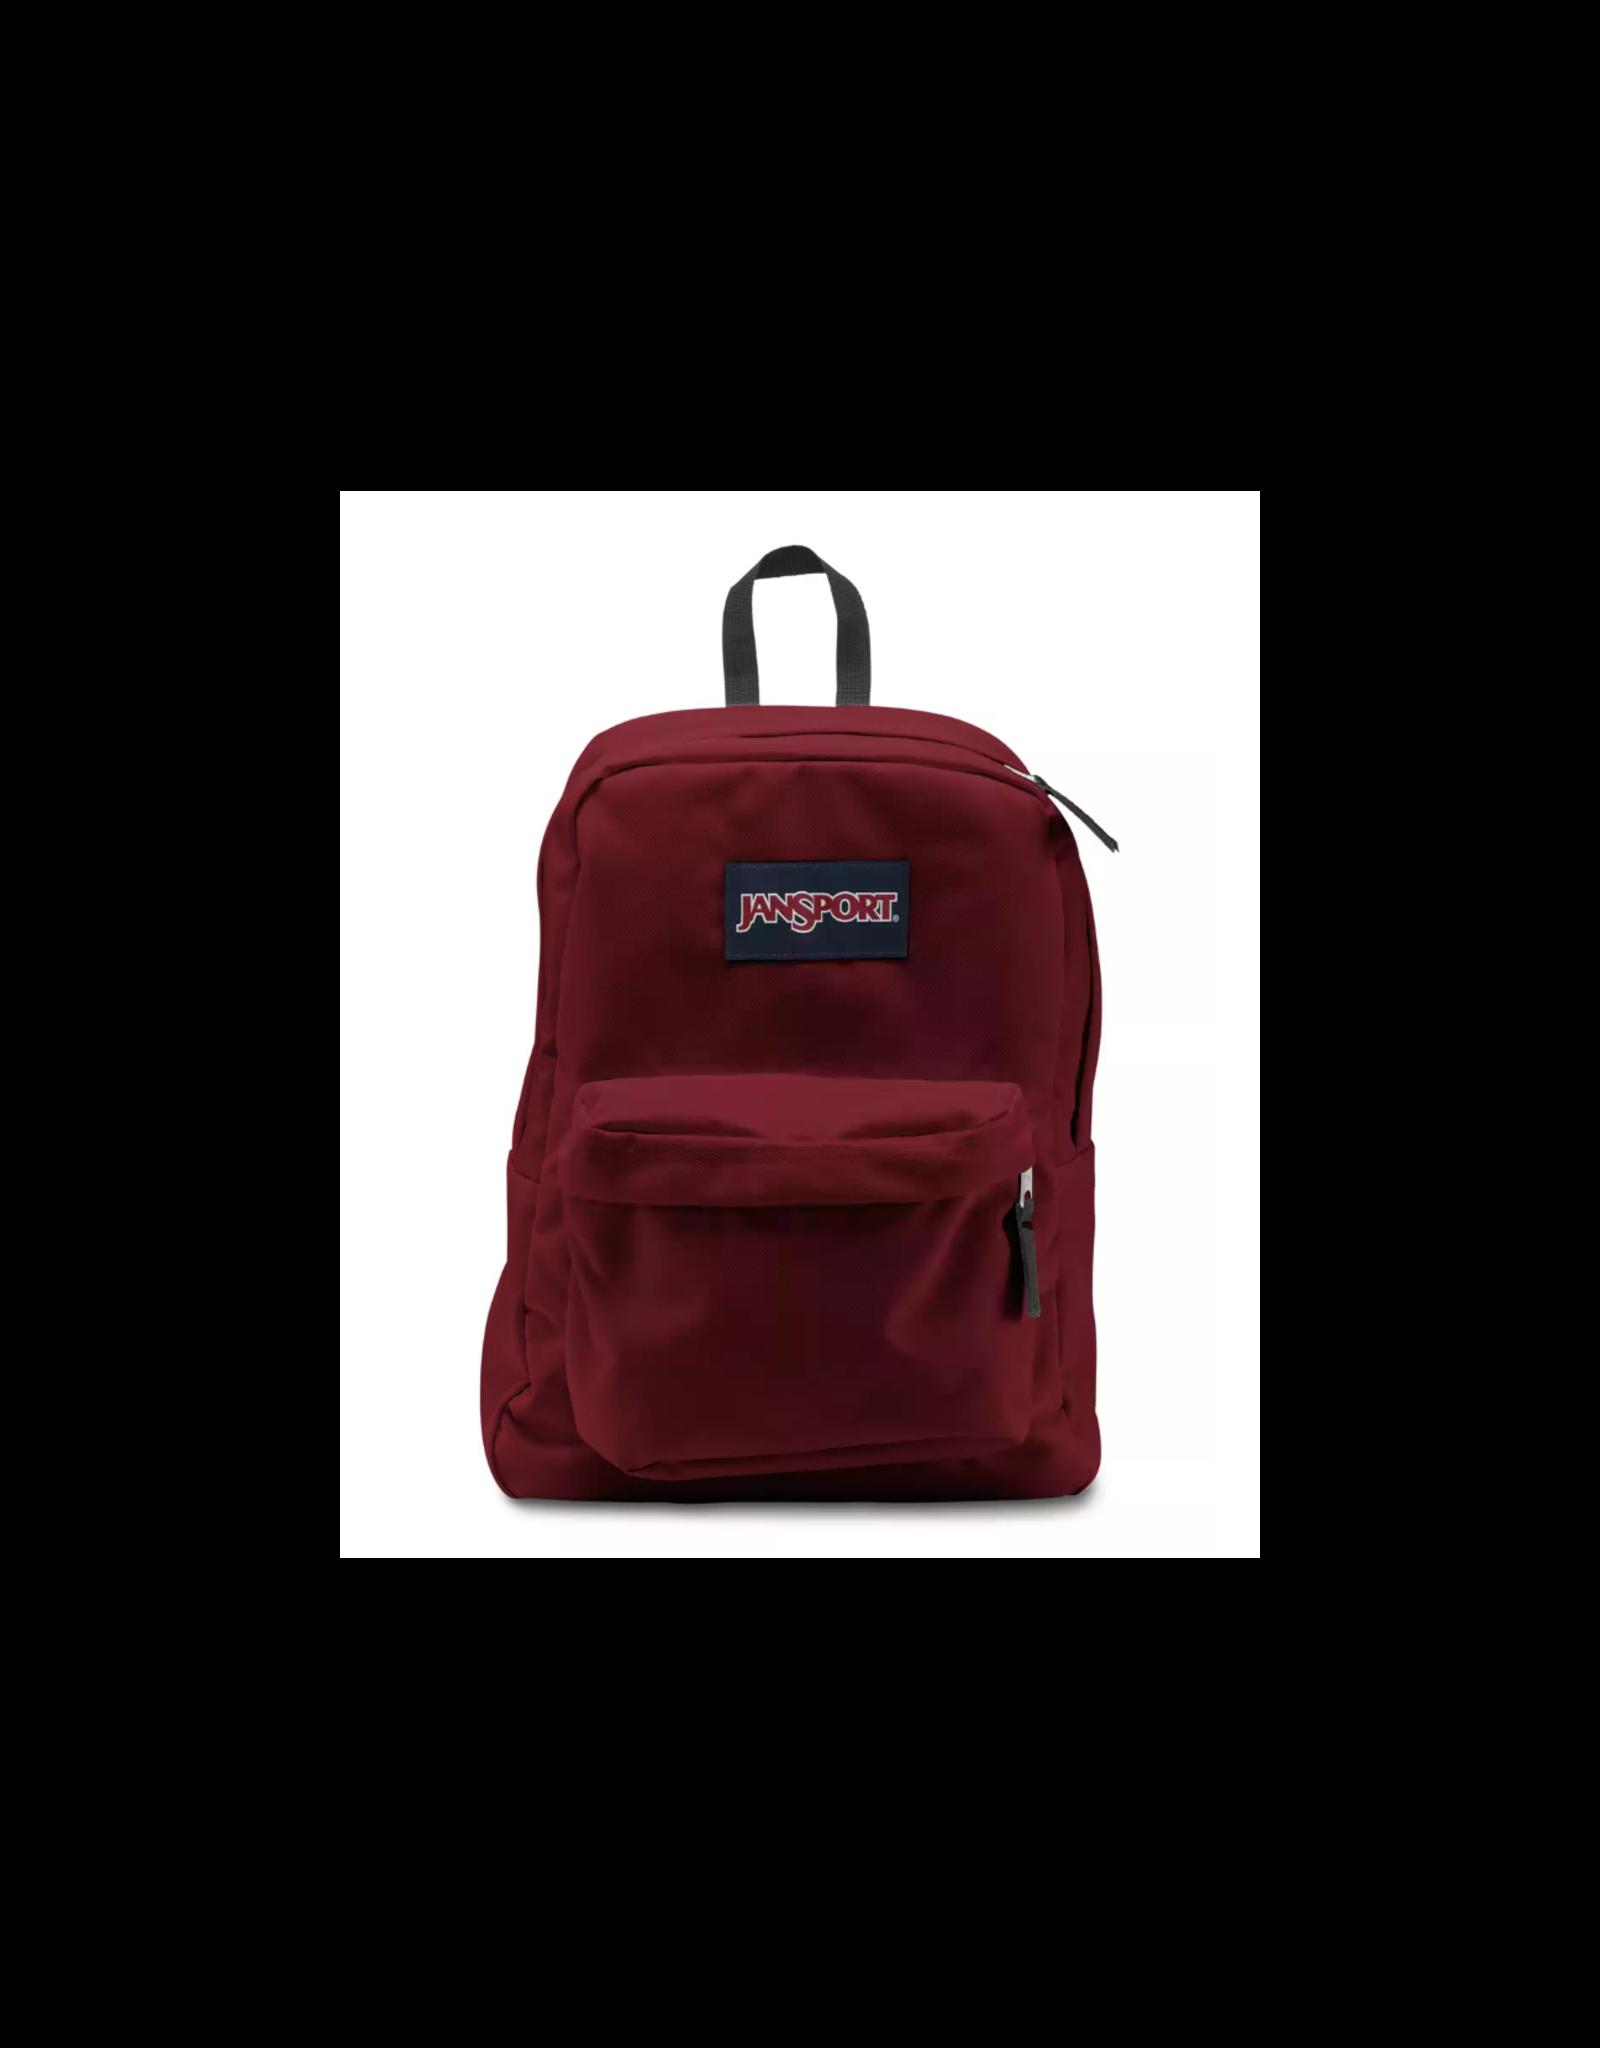 Jansport Backpack, Jansport Superbreak, Viking Red